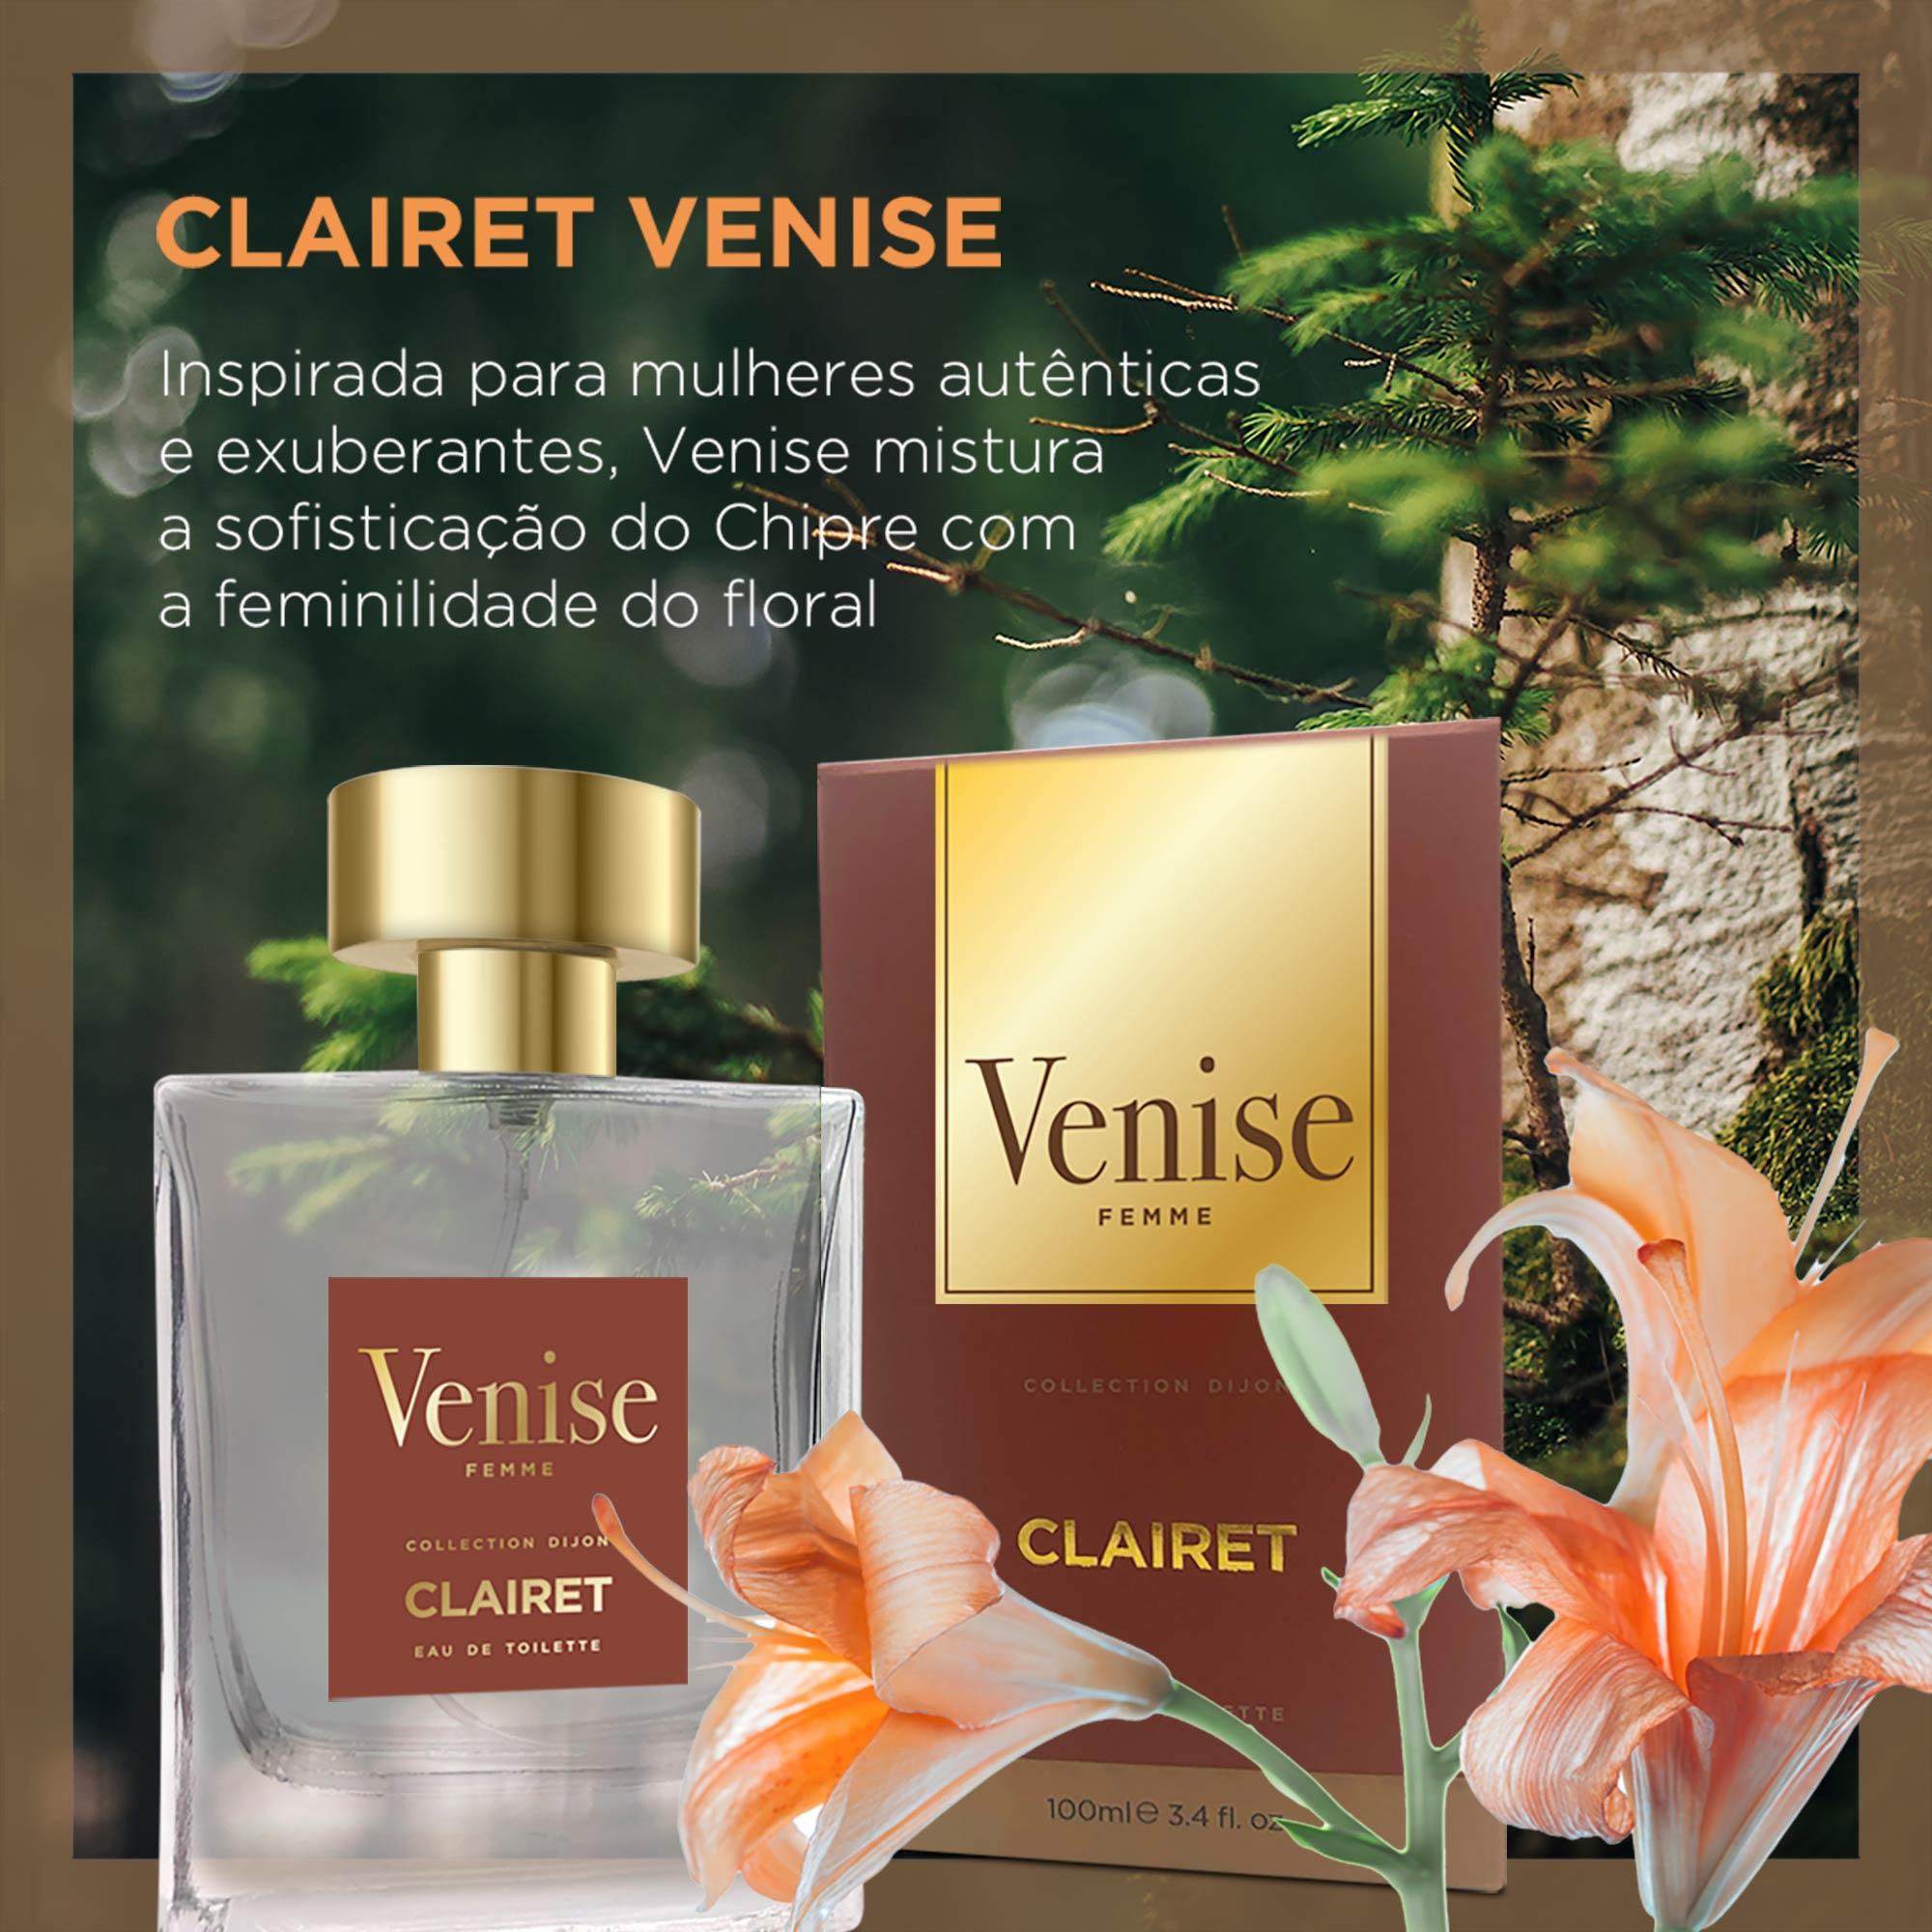 Clairet Venise - Collection Dijon